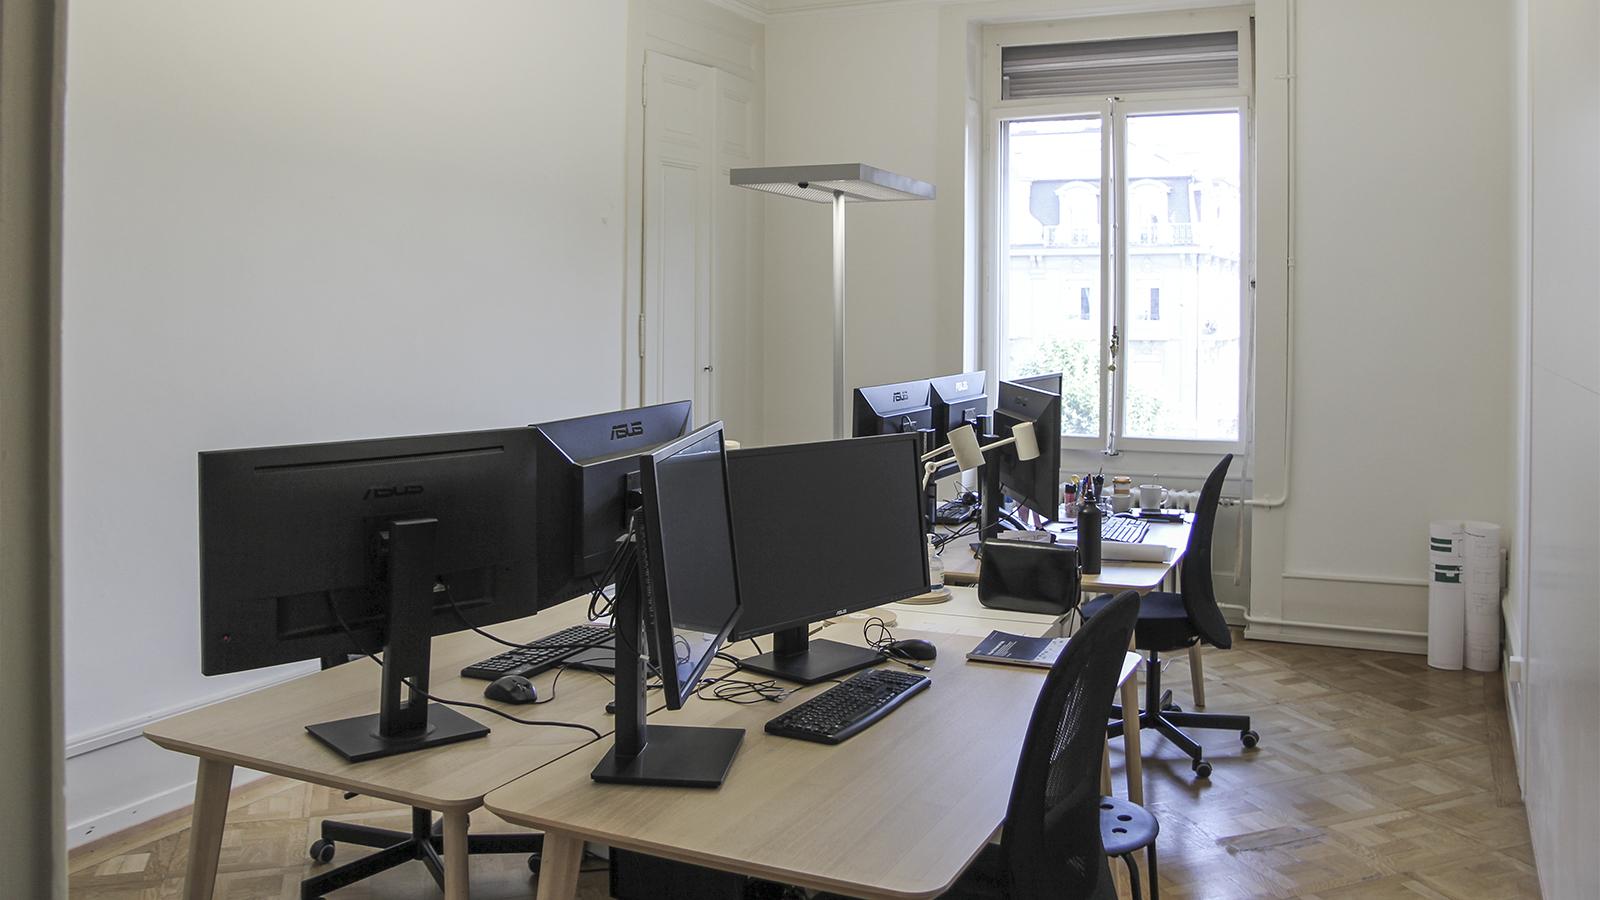 CSDK Architectes Bureau Re%CC%81ame%CC%81nagements 02 - Réaménagement de nos bureaux - CSDK Architectes Bureau Re%CC%81ame%CC%81nagements 02